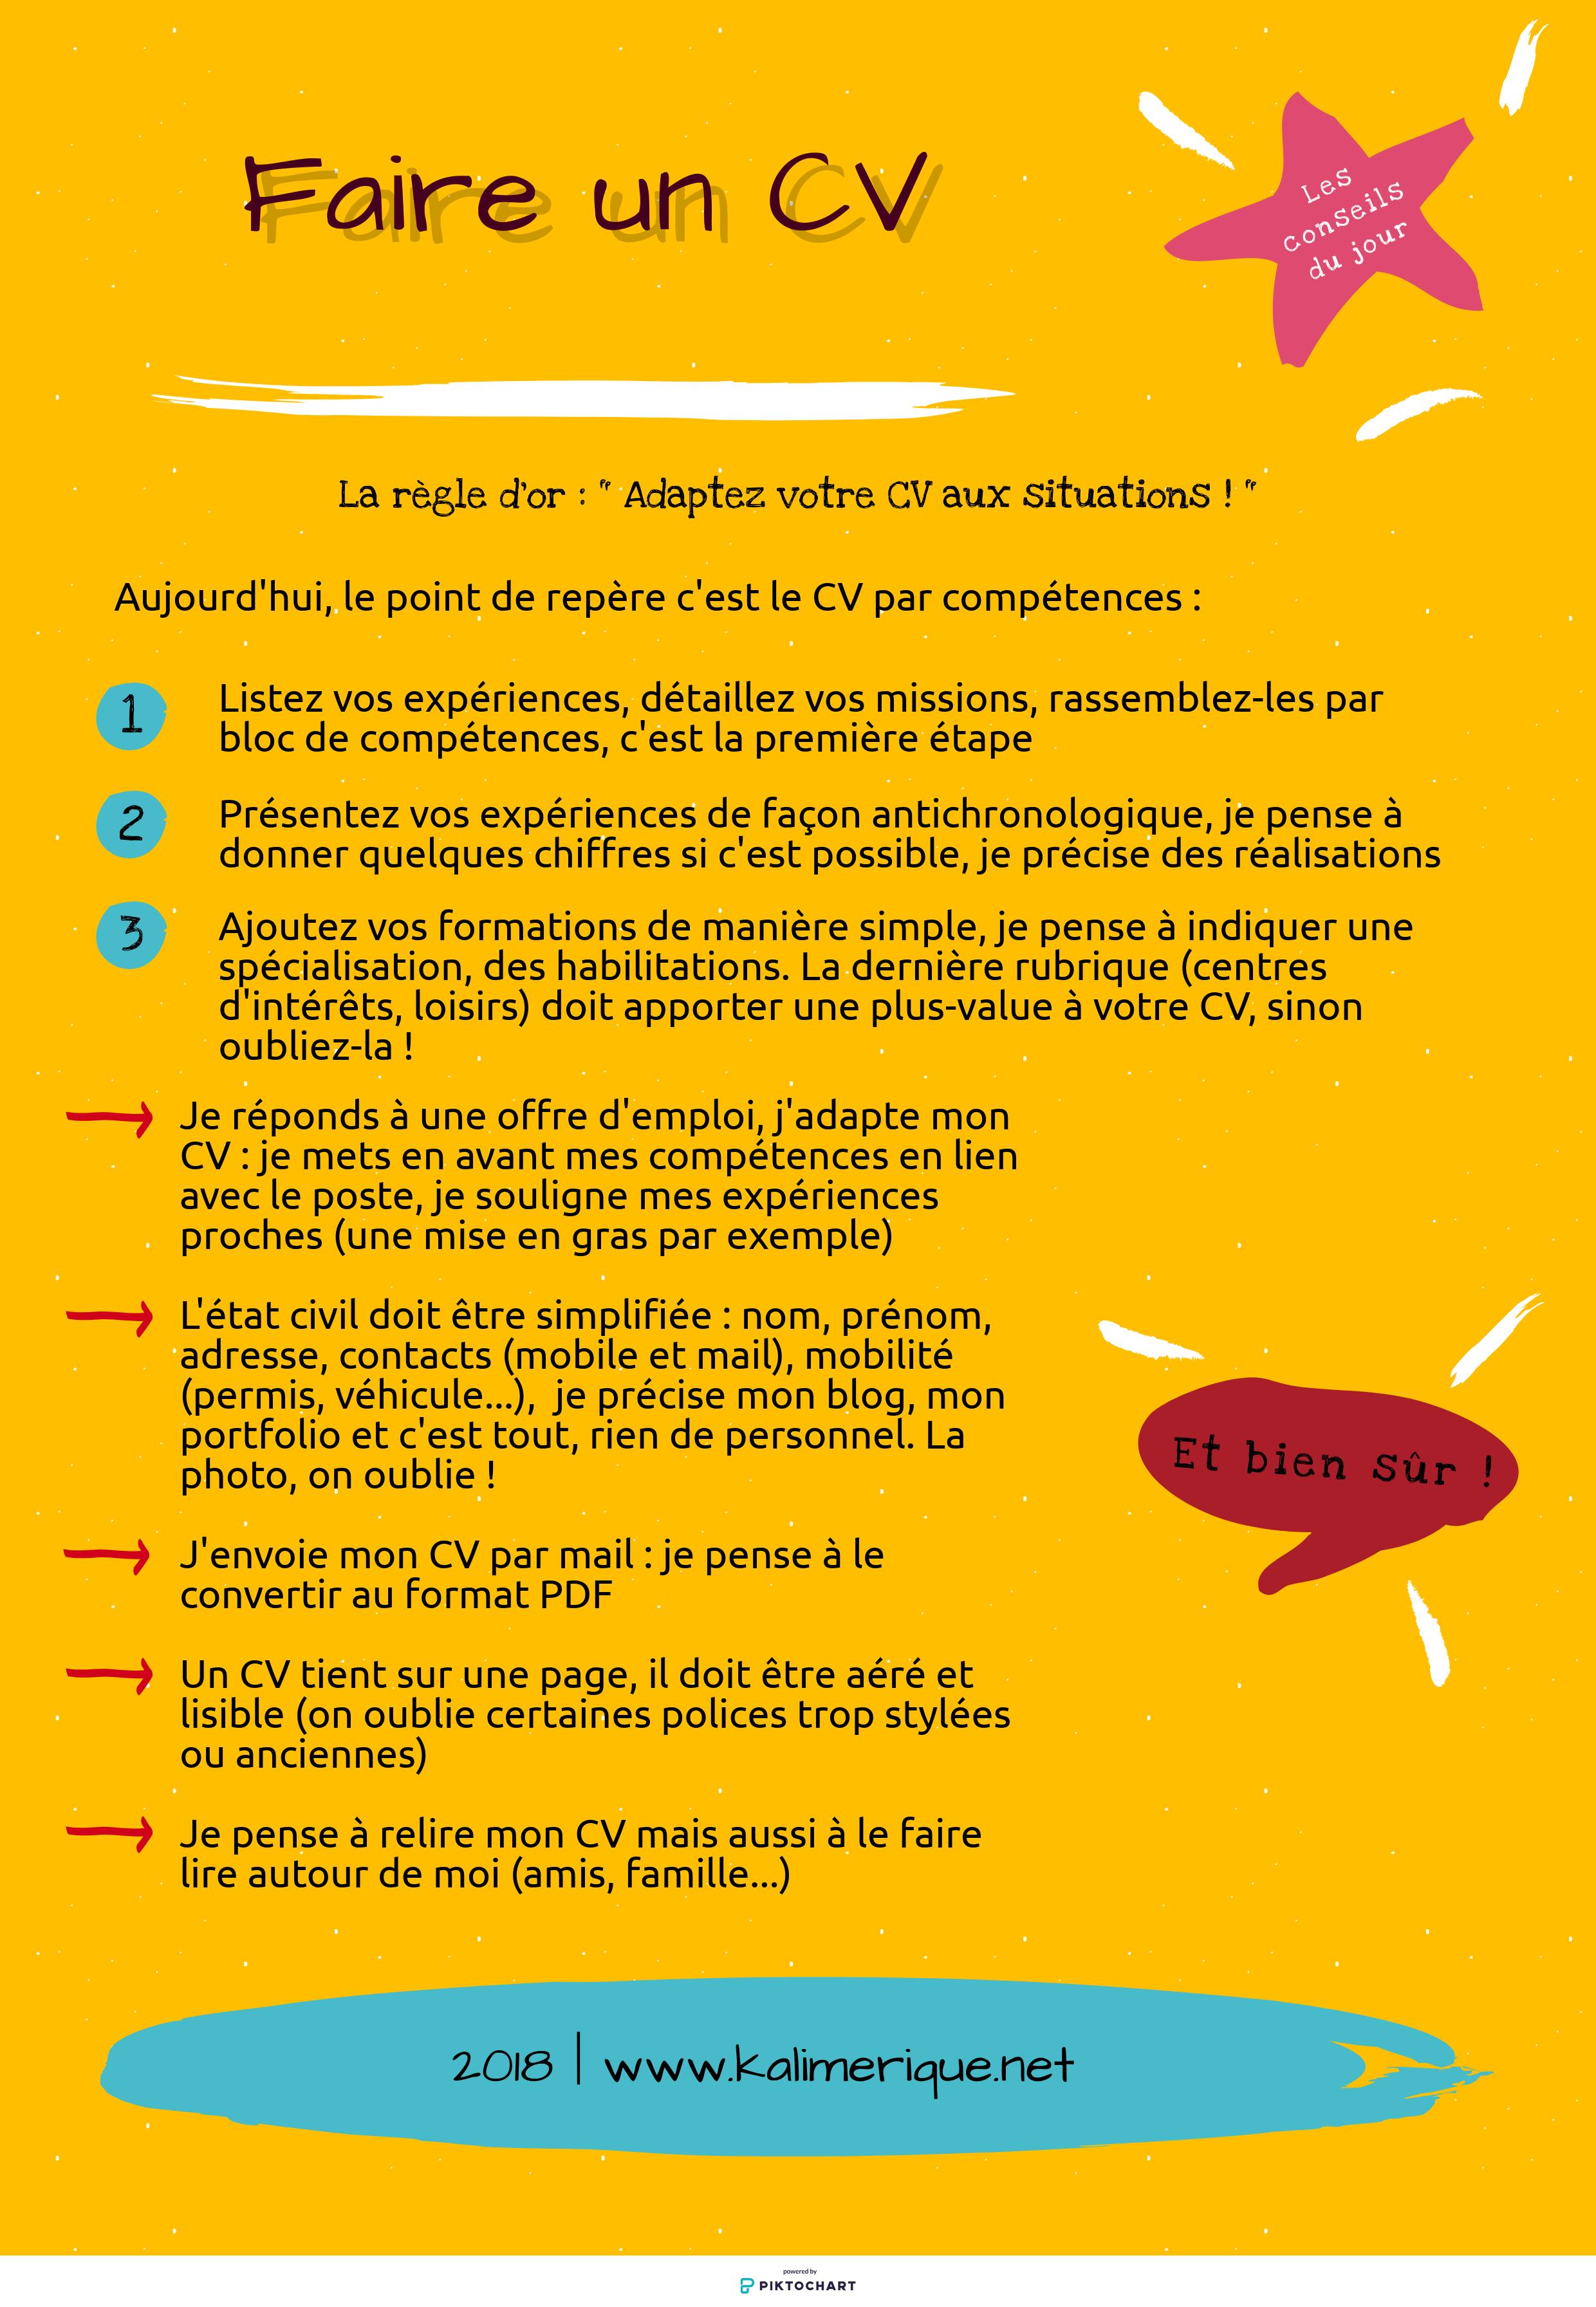 Faire Un Cv Les Conseils Exemple De Lettre De Motivation Lettre De Motivation Emploi Faire Un Cv